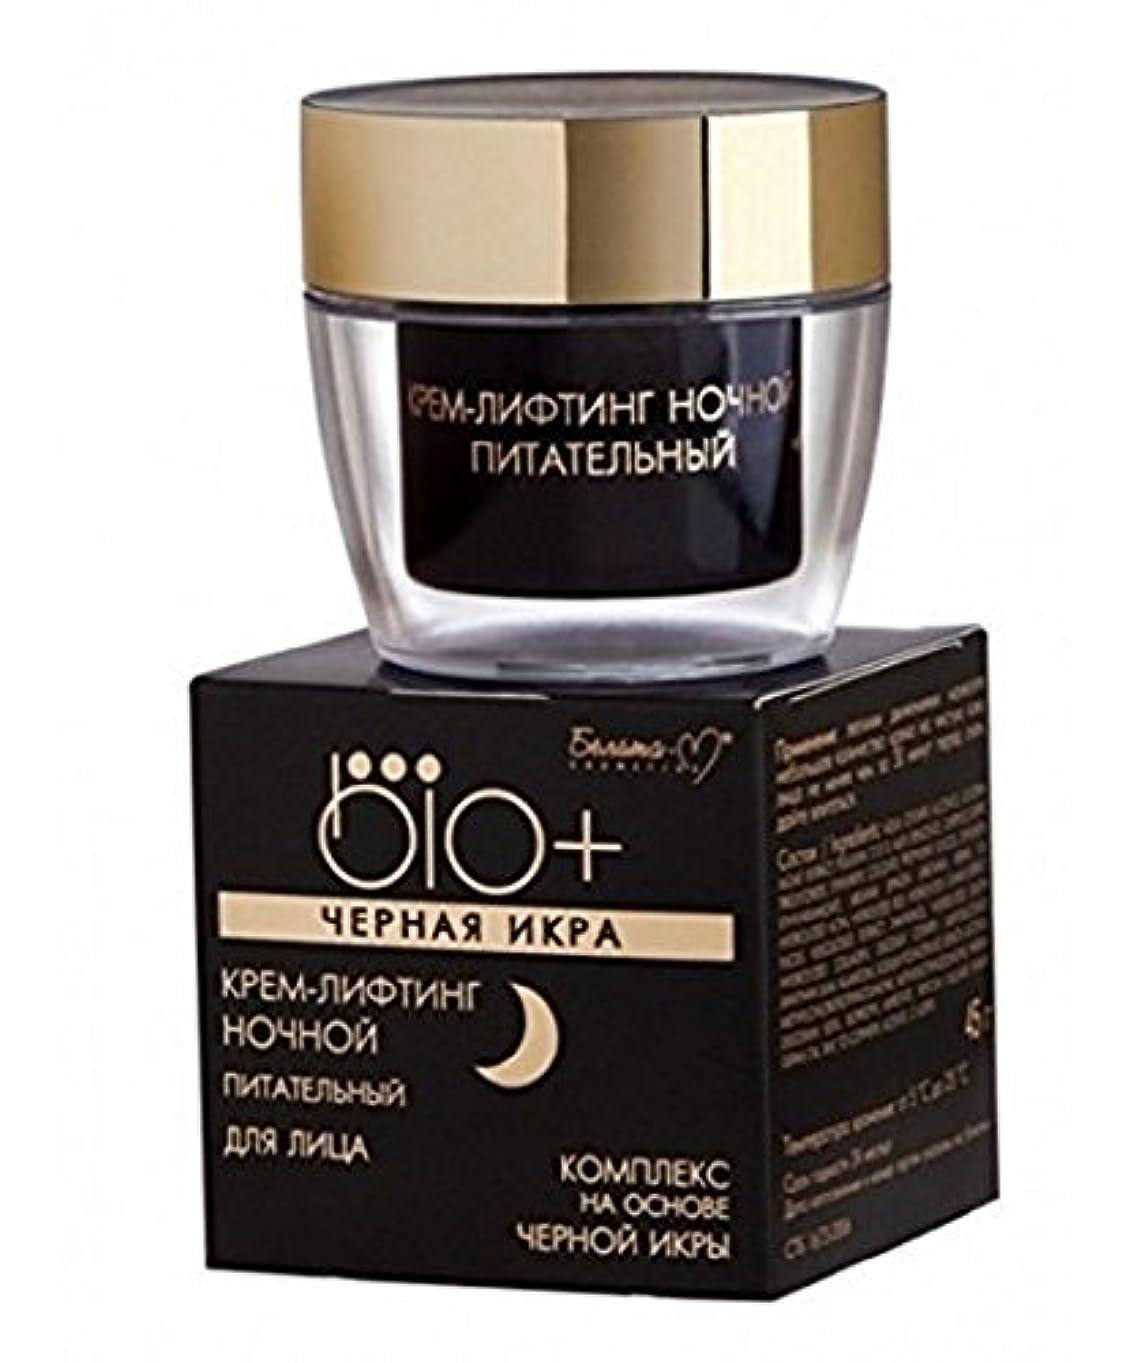 入口精神資料NIGHT MOISTURIZING LIFTING CREAM, on the basis of black caviar   Marine collagen and elastin, Argan oil   45 g